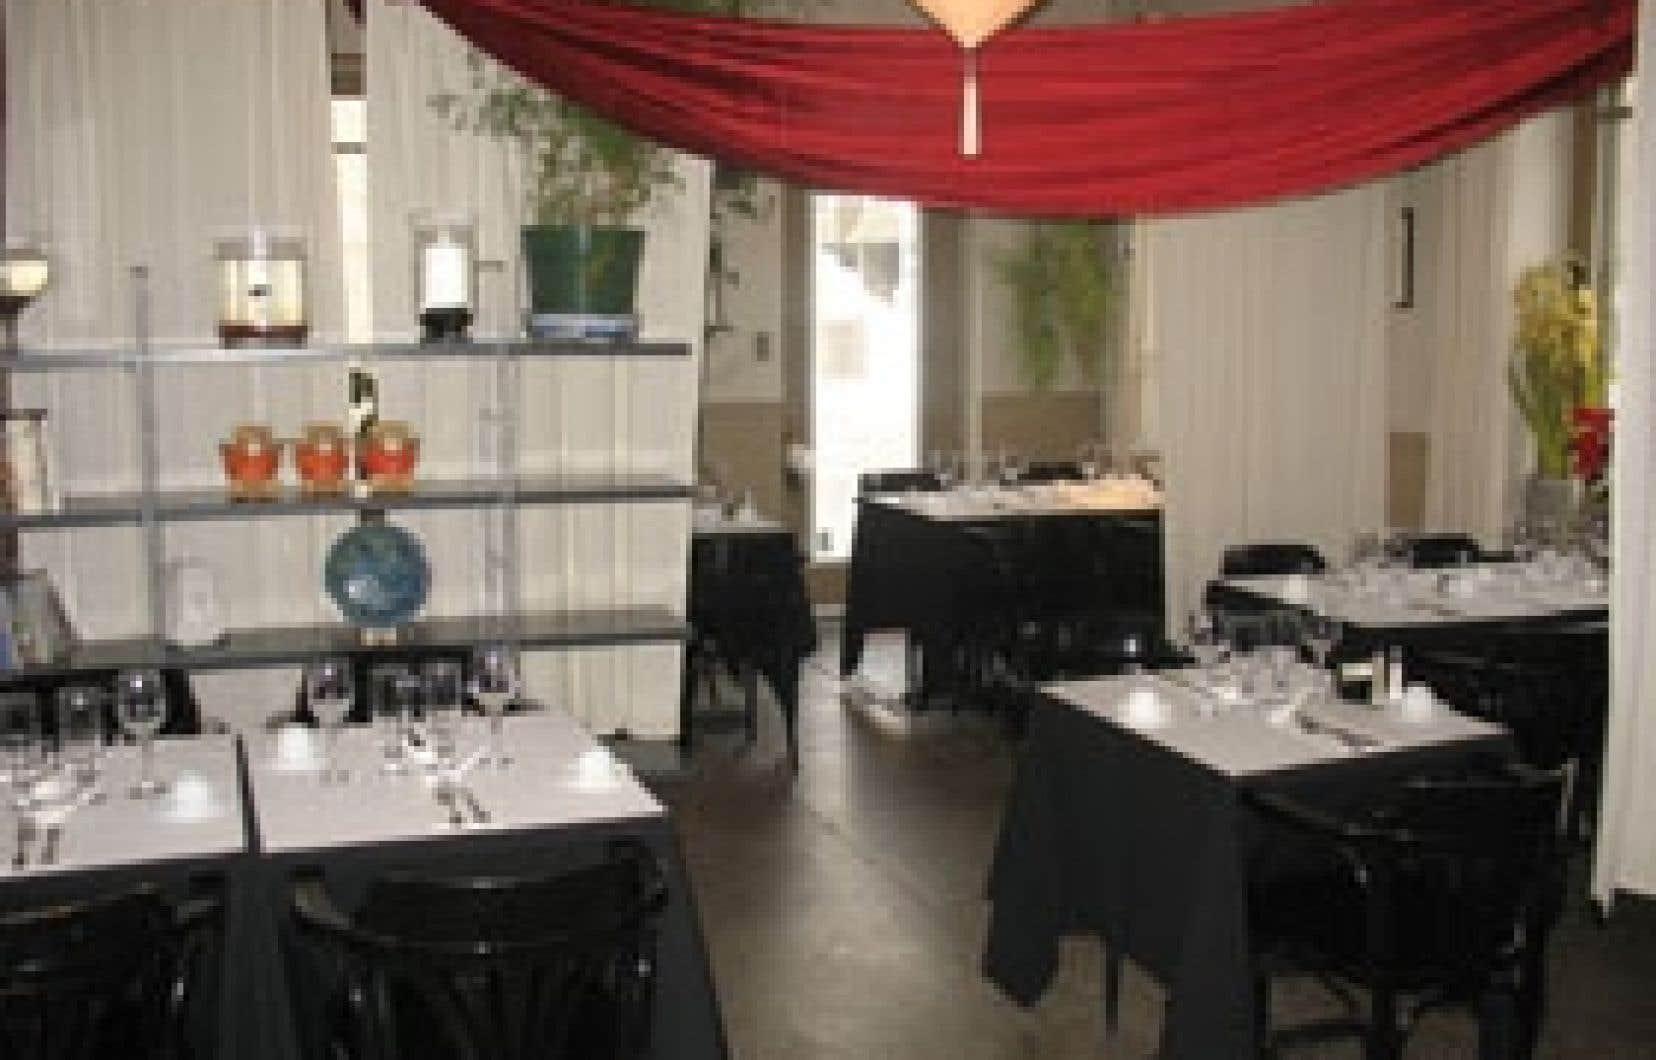 Avec sa triple vocation de restaurant, de service-traiteur et de comptoir-boutique, le Grain de Riz figure parmi les tables asiatiques les plus audacieuses de la Vieille Capitale.